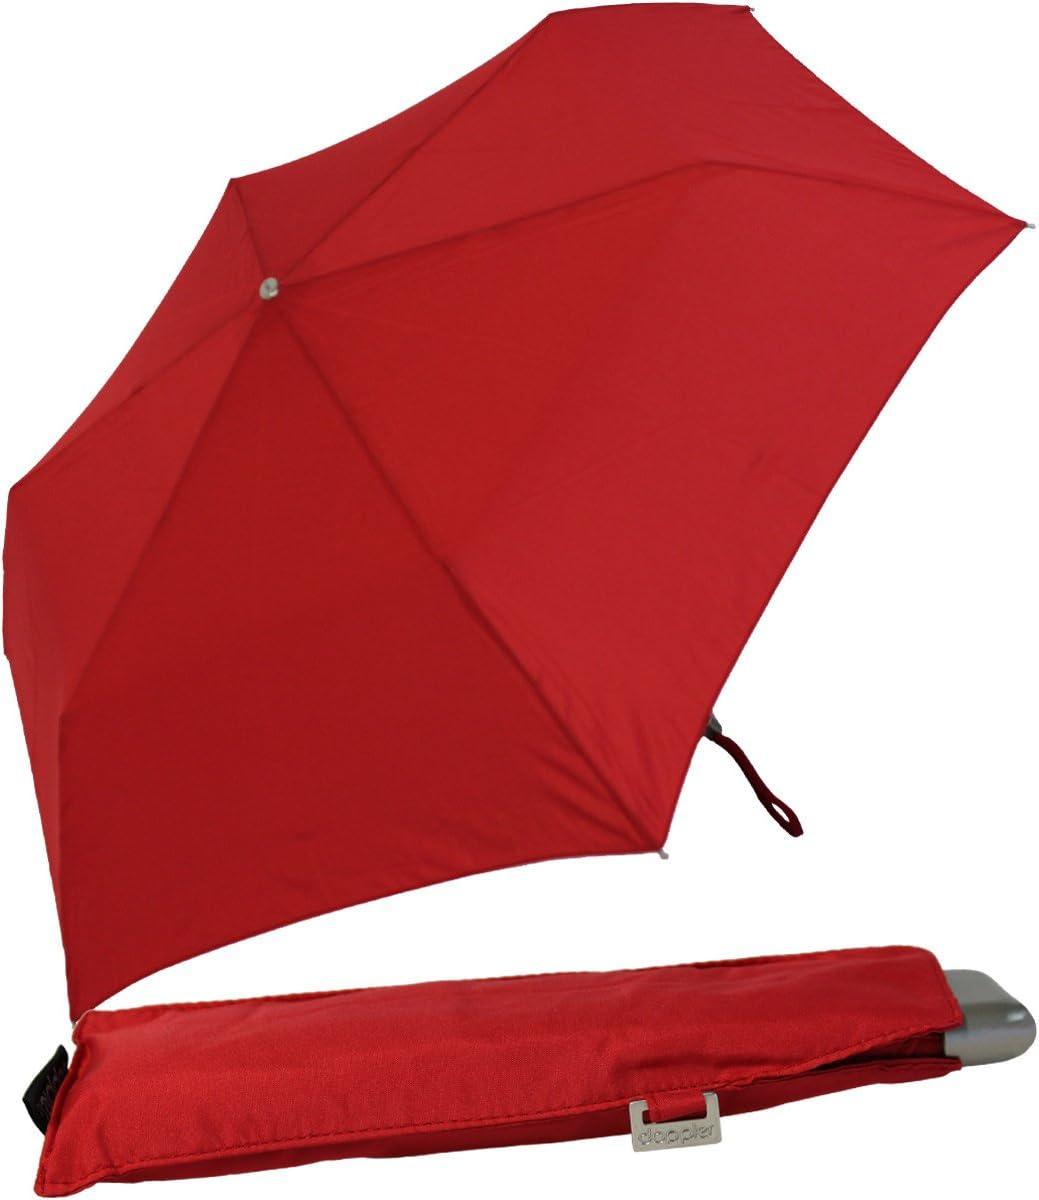 Taille Pratique Parapluie de Poche Doppler Carbonsteel Slim Uni Tr/ès l/éger Noir 22 cm